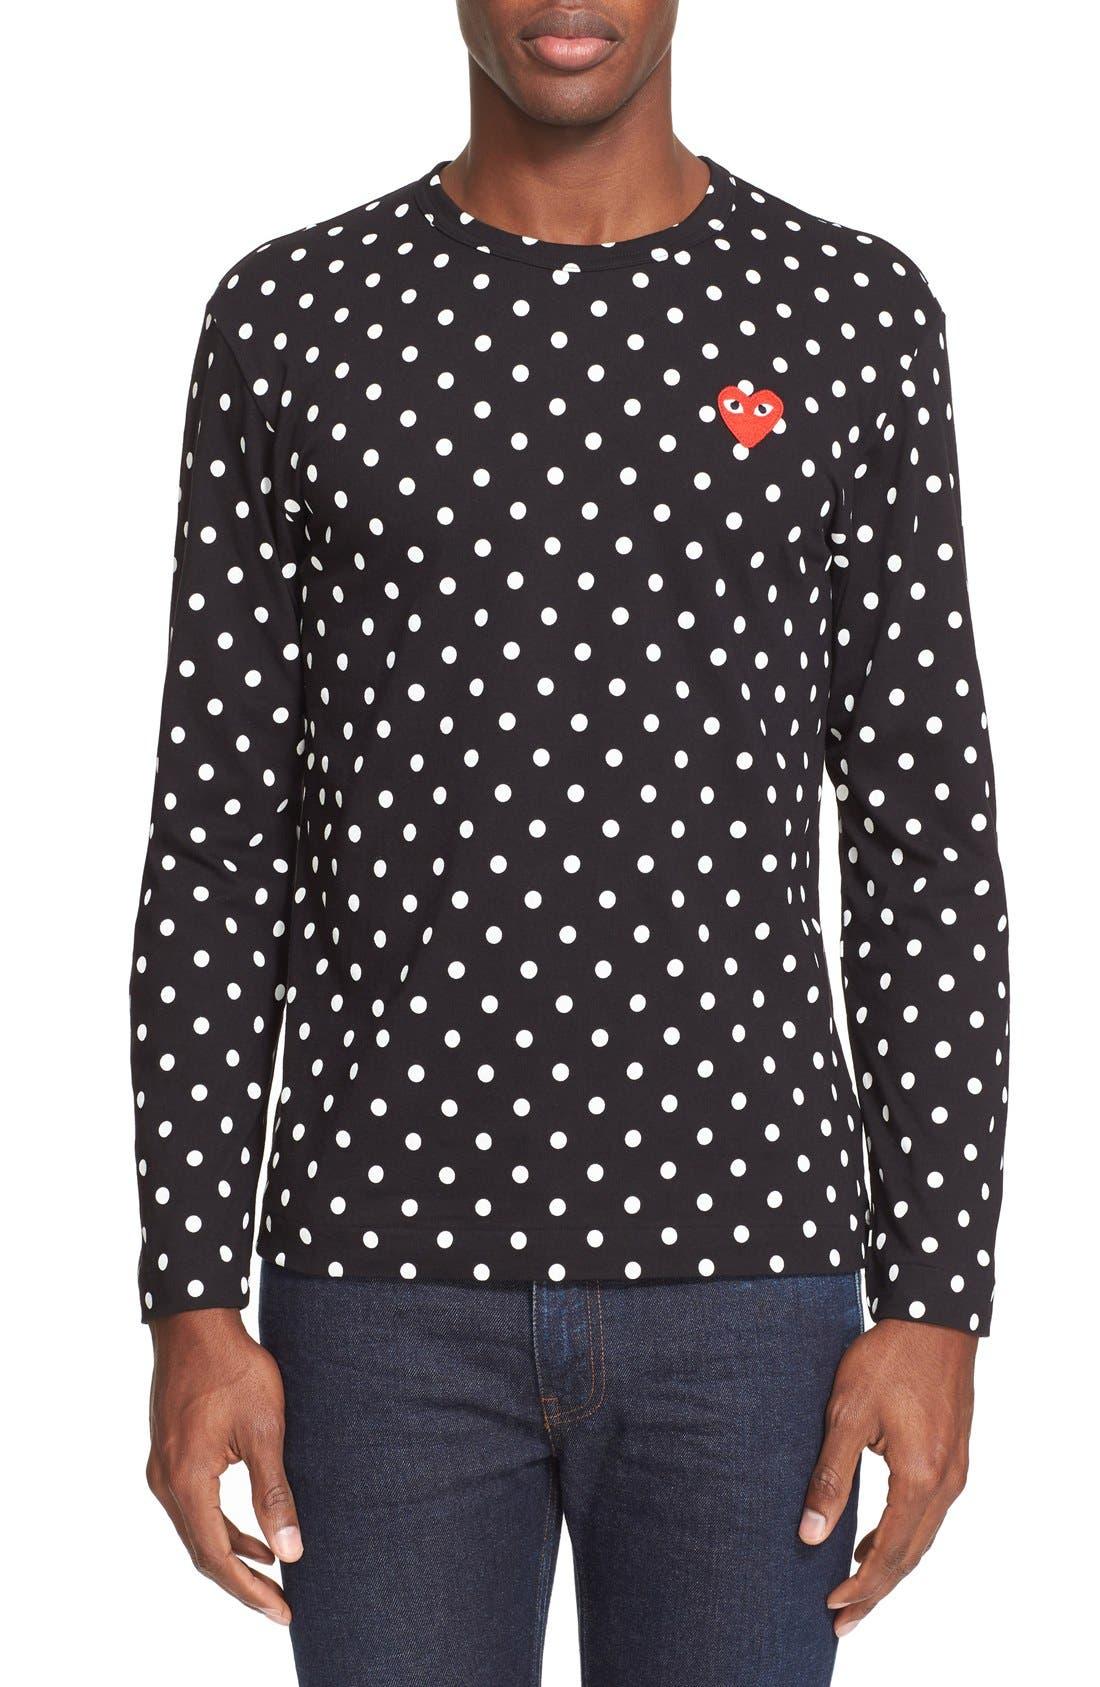 Main Image - Comme des Garçons PLAY Dot Print Long Sleeve Crewneck T-Shirt